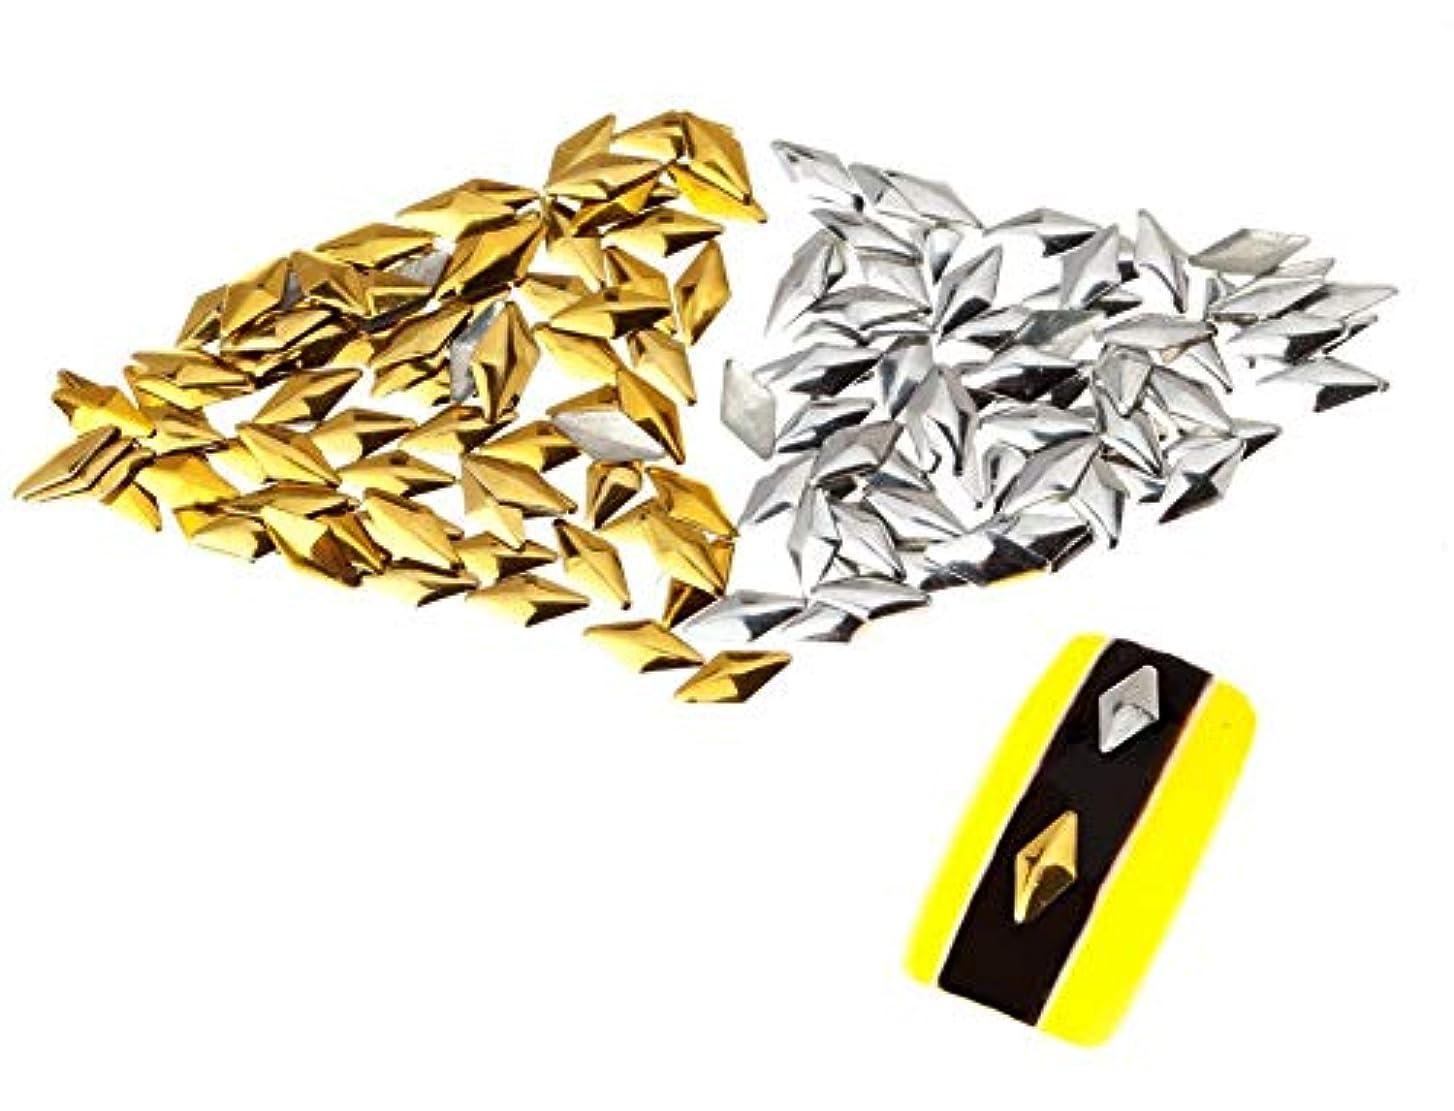 250個の3mmシルバーおよびゴールドダイヤモンド型メタルスタッドマニキュアネイルアートデコレーションのプレミアムセット